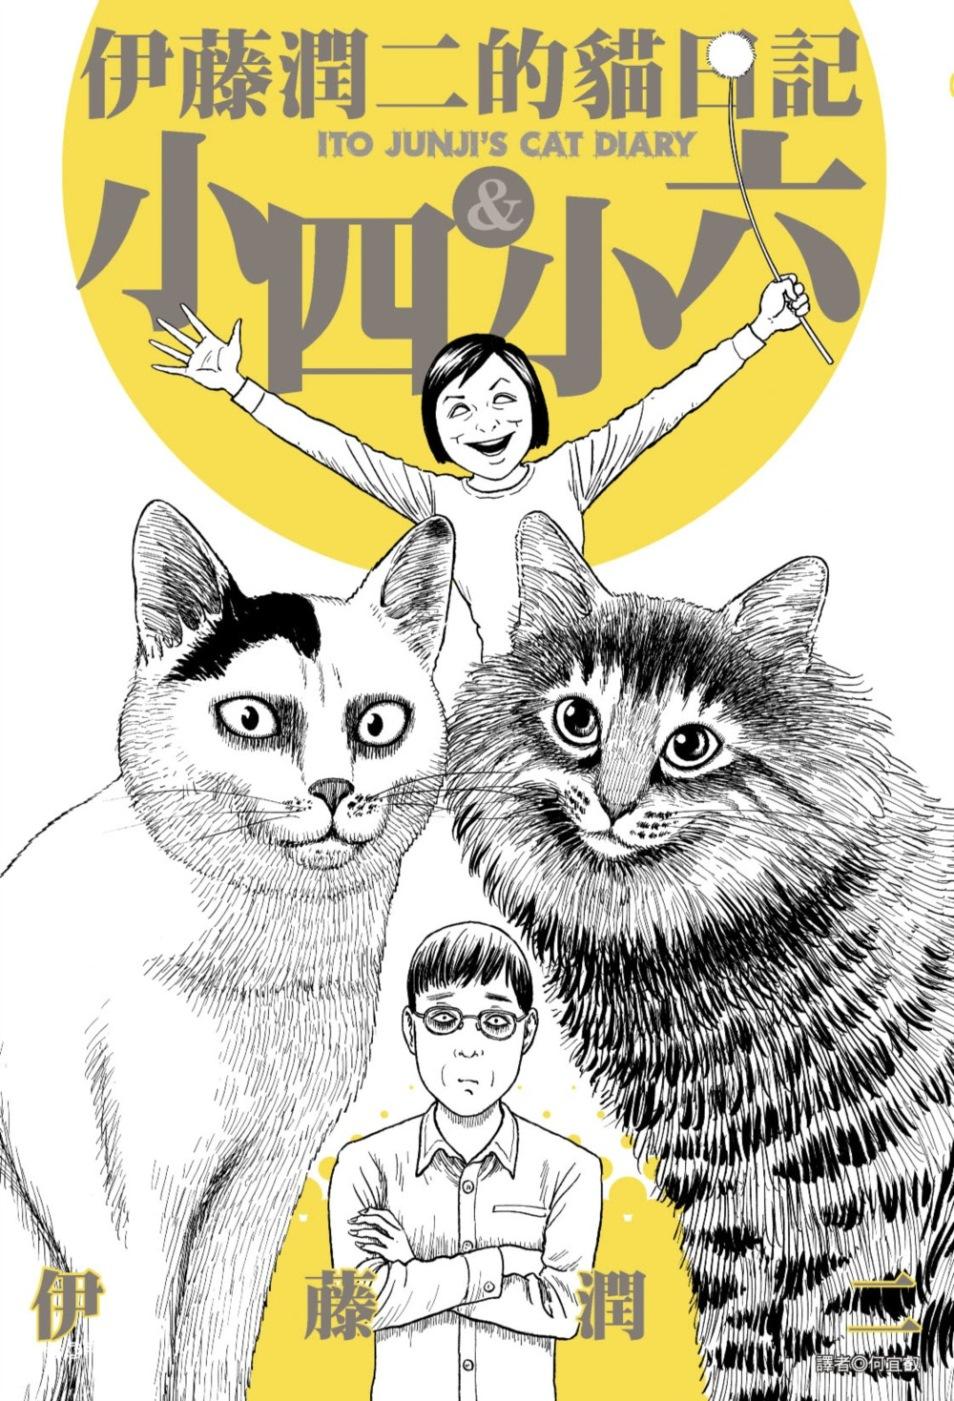 伊藤潤二的貓日記...